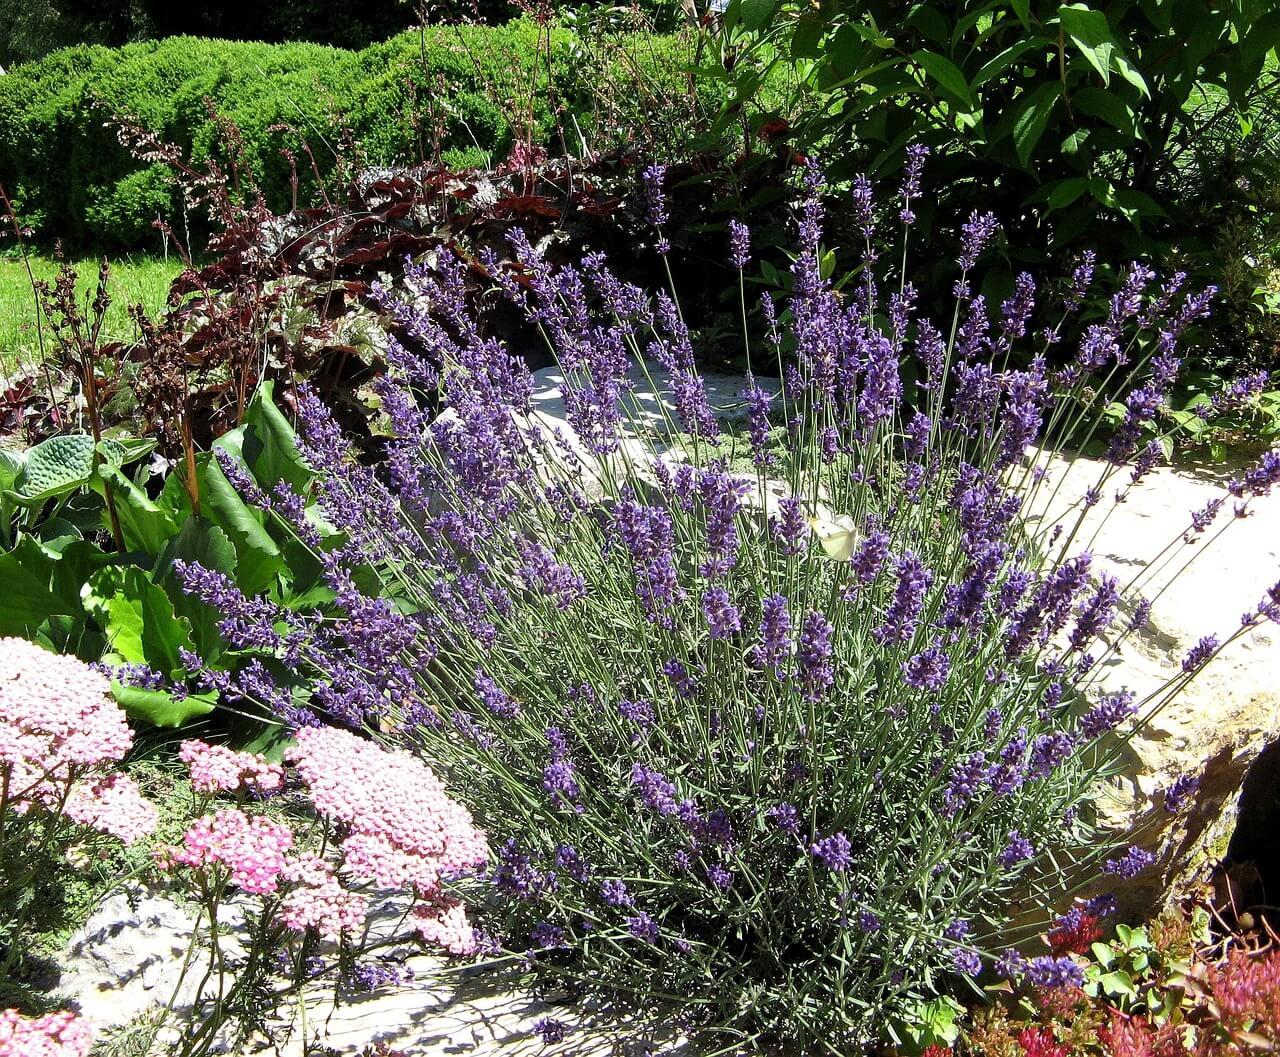 Οι χαμηλές ποικιλίες της λεβάντας ταιριάζουν άψογα σε παρτέρι με οποιαδήποτε ανθοφόρα φυτά παρόμοιου ύψους και είναι ιδανικές για βραχόκηπο.